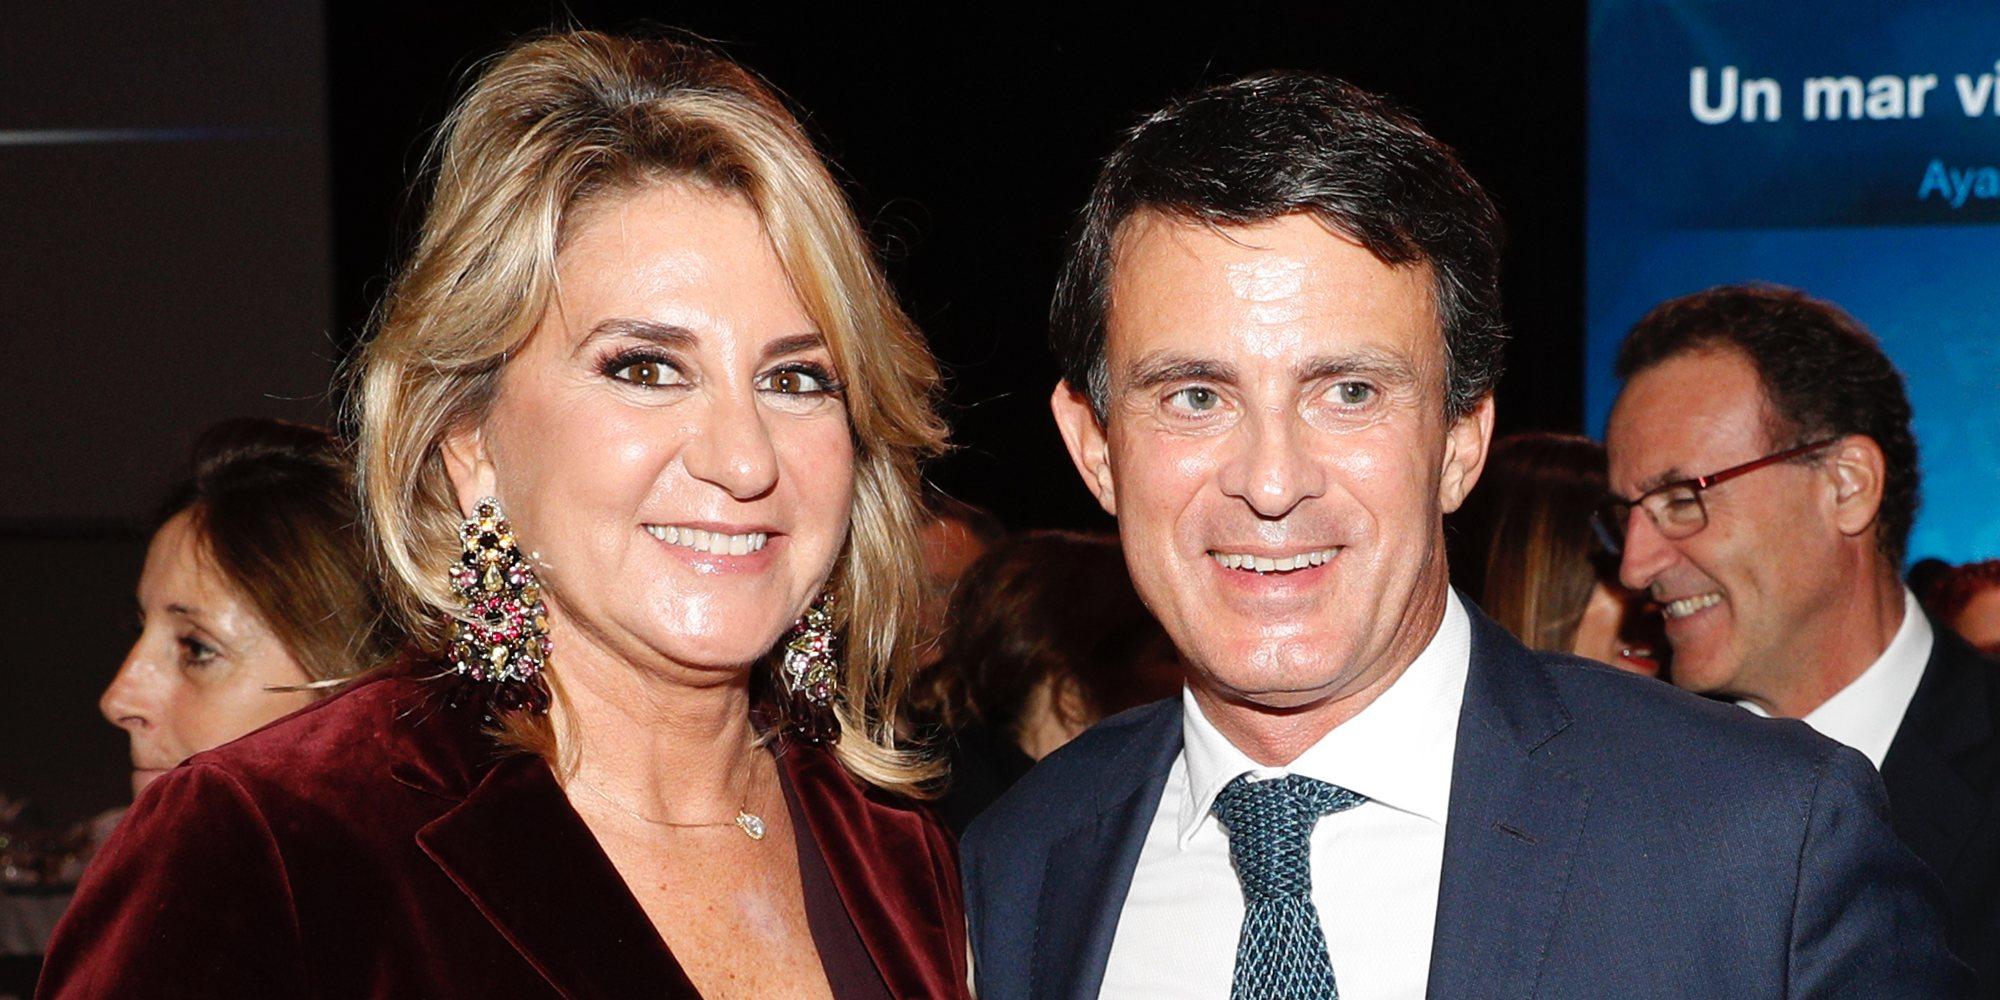 Manuel Valls anuncia su compromiso con Susana Gallardo tras un año de relación